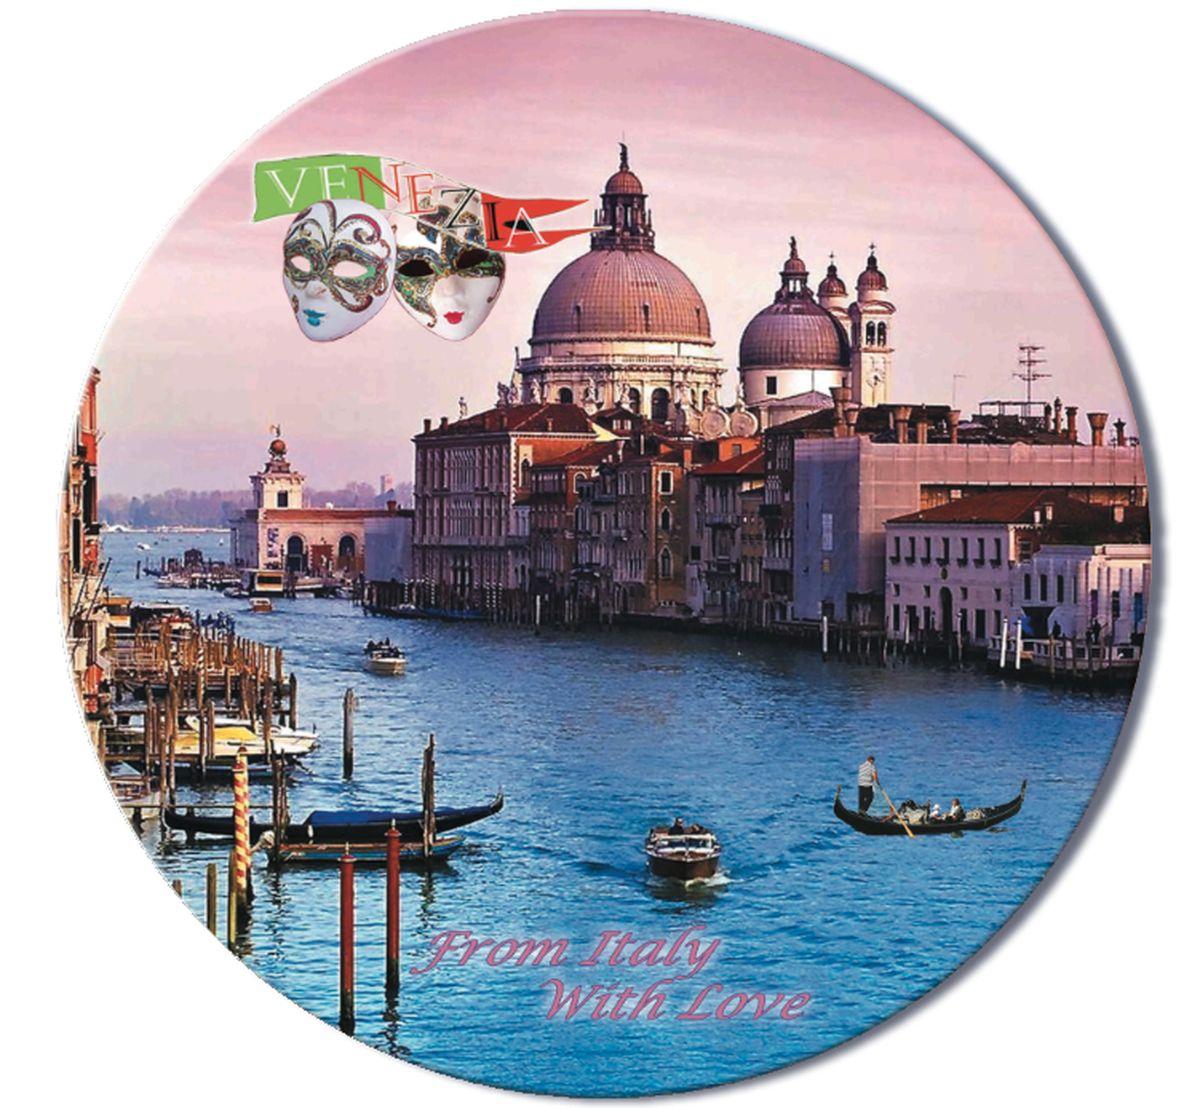 Доска разделочная GiftnHome Венеция, стеклянная, диаметр 19 смRCB-VeneziaРазделочная доска GiftnHome Венеция выполнена из жароустойчивого стекла. Изделие, украшенное красочным изображением, идеально впишетсяв интерьер современной кухни. Специальное покрытие вкладыша обеспечивает стойкость к влаге и высоким температурам. Изделие легко чистить от пятен и жира. Также доску можно применять как подставку под горячее.Разделочная доска GiftnHome Венеция украсит ваш стол и сбережет его от воздействия высоких температур ваших кулинарных шедевров. Можно мыть в посудомоечной машине.Диаметр доски: 19 см. Толщина доски: 0,4 см.